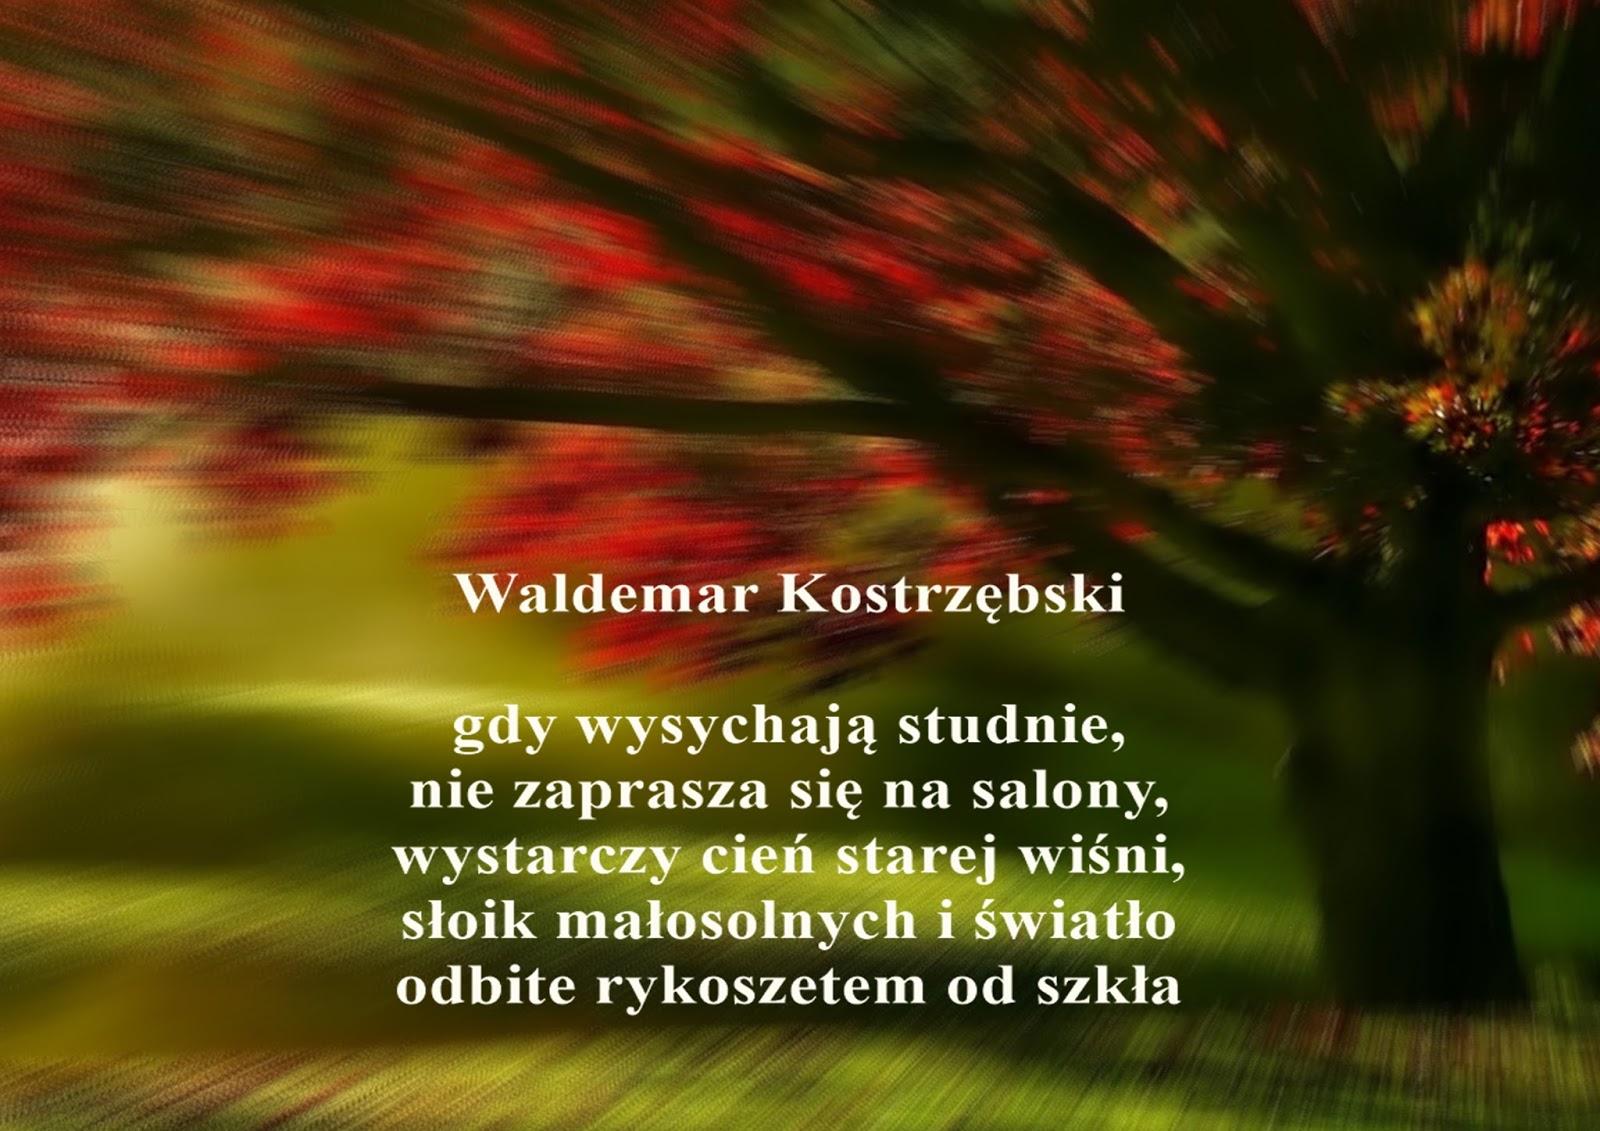 Poezja Po Godzinach Waldemar Kostrzębski Każde Pokolenie